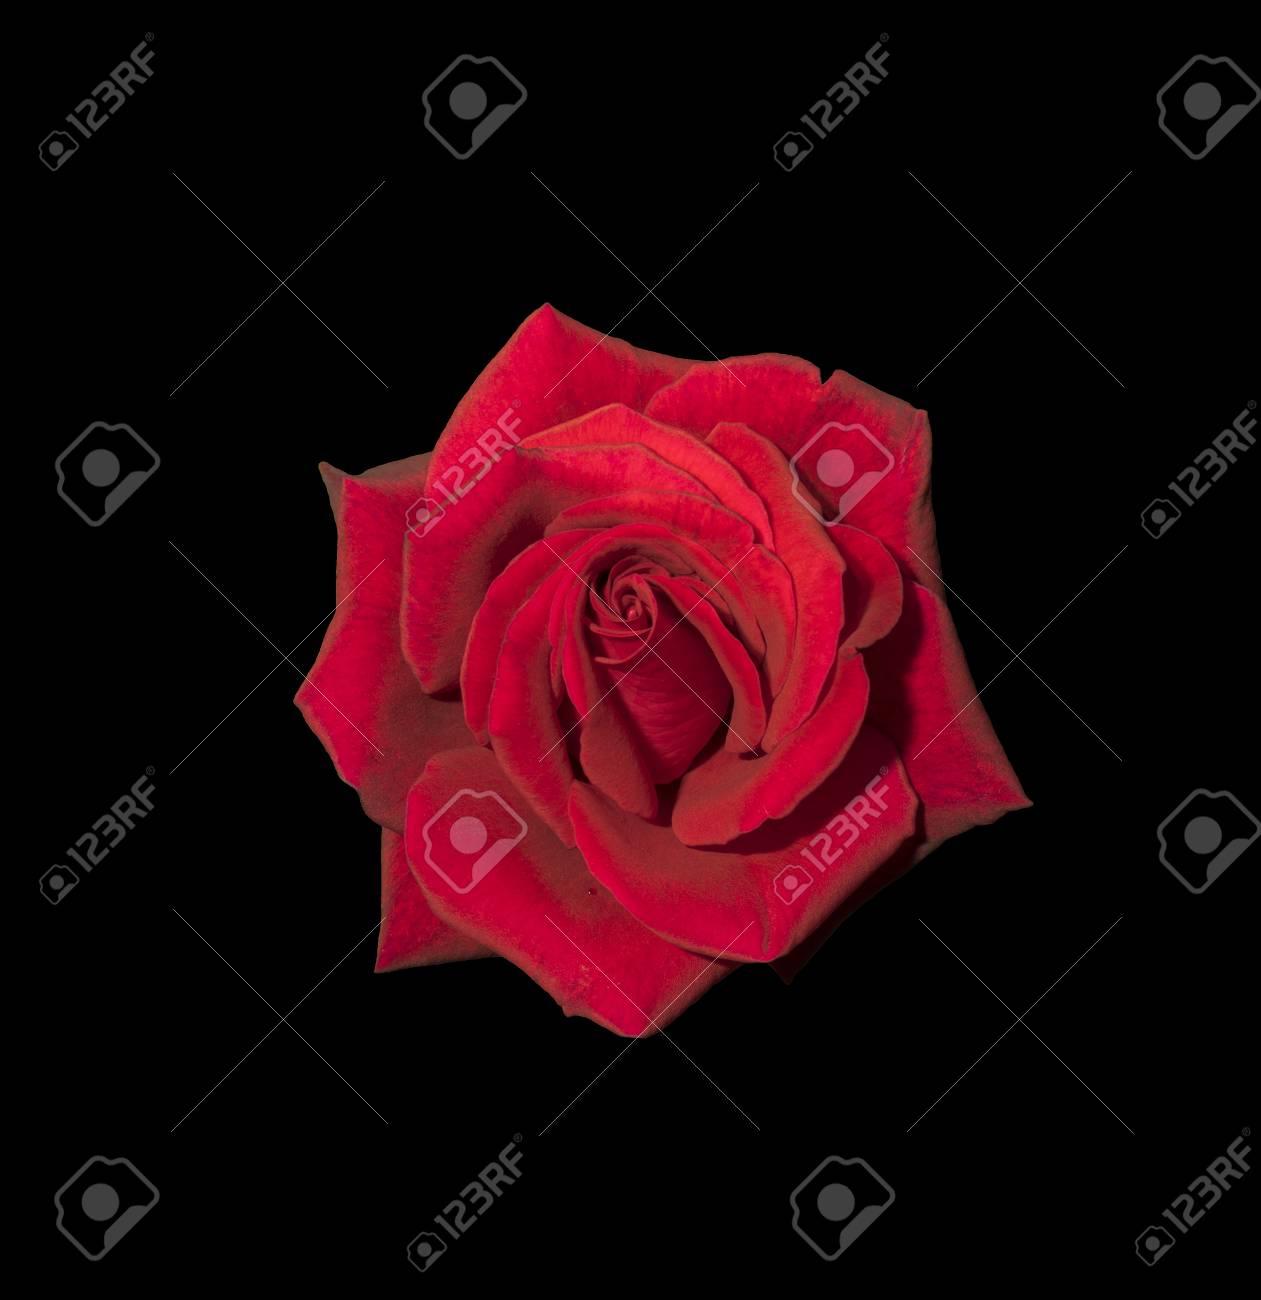 Immagini Stock Rosa Rossa Isolato Su Sfondo Nero Image 61009826